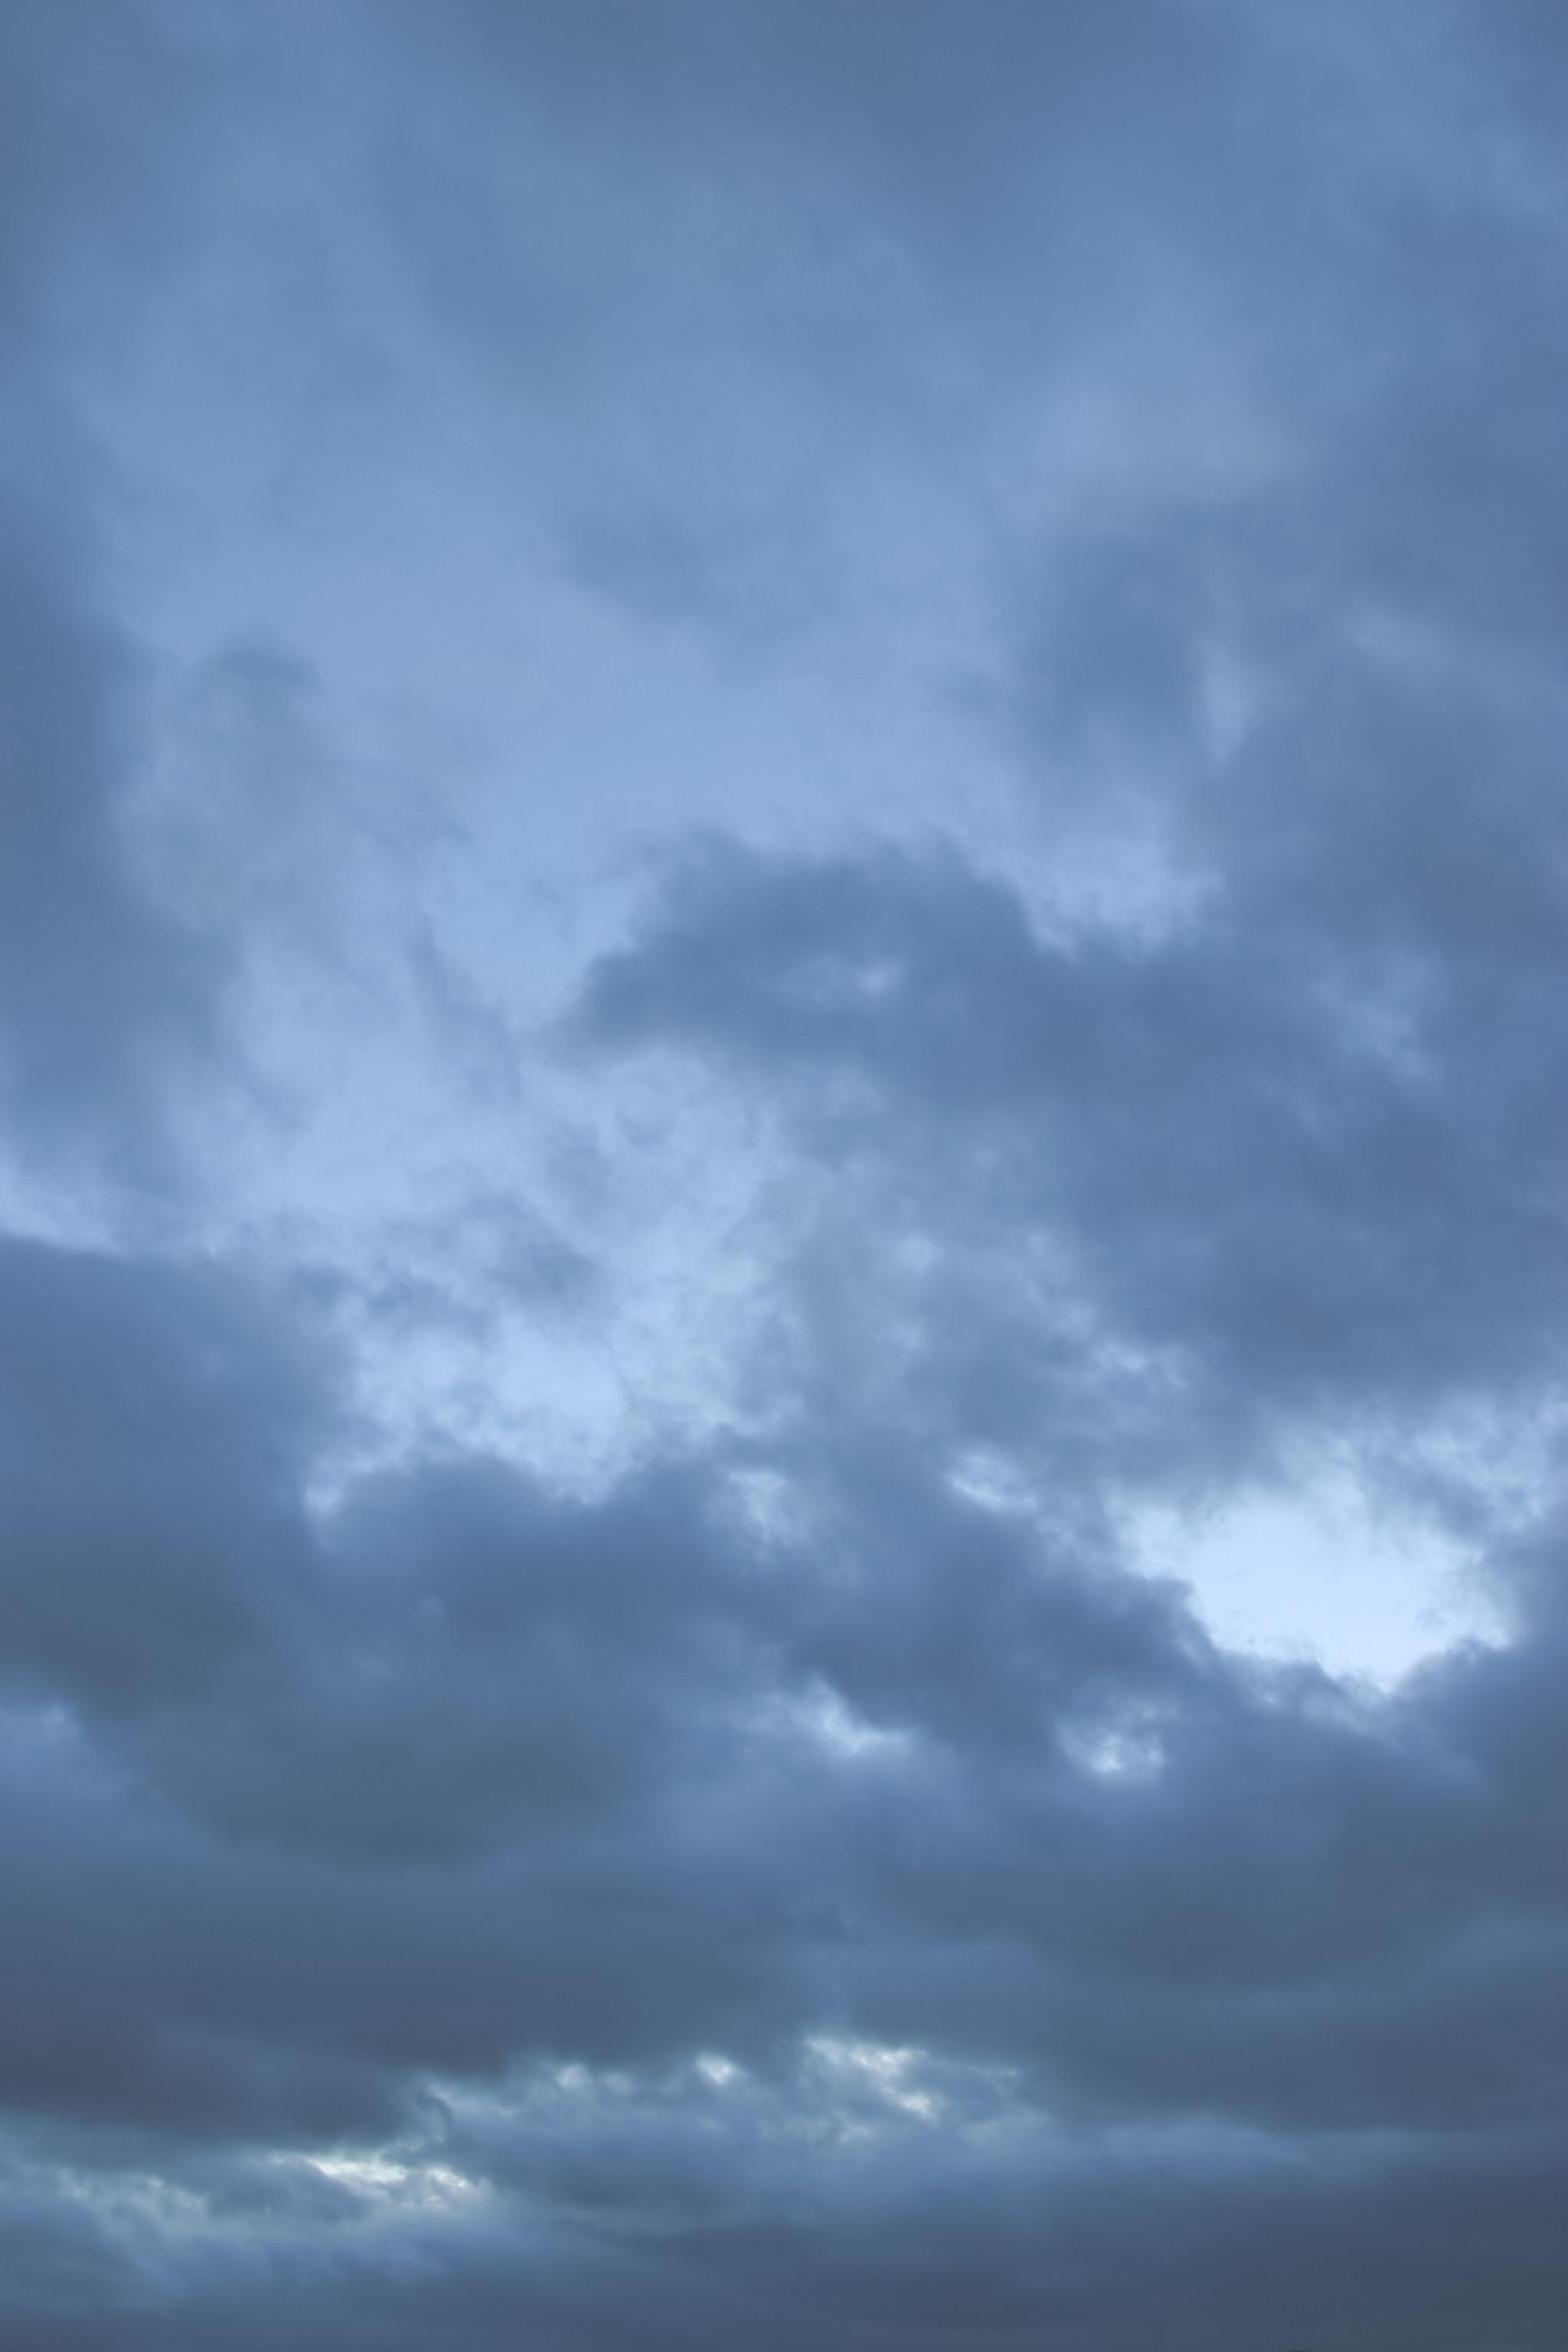 曇り空の画像 Free Photos L/RGB/JPEG/350dpi